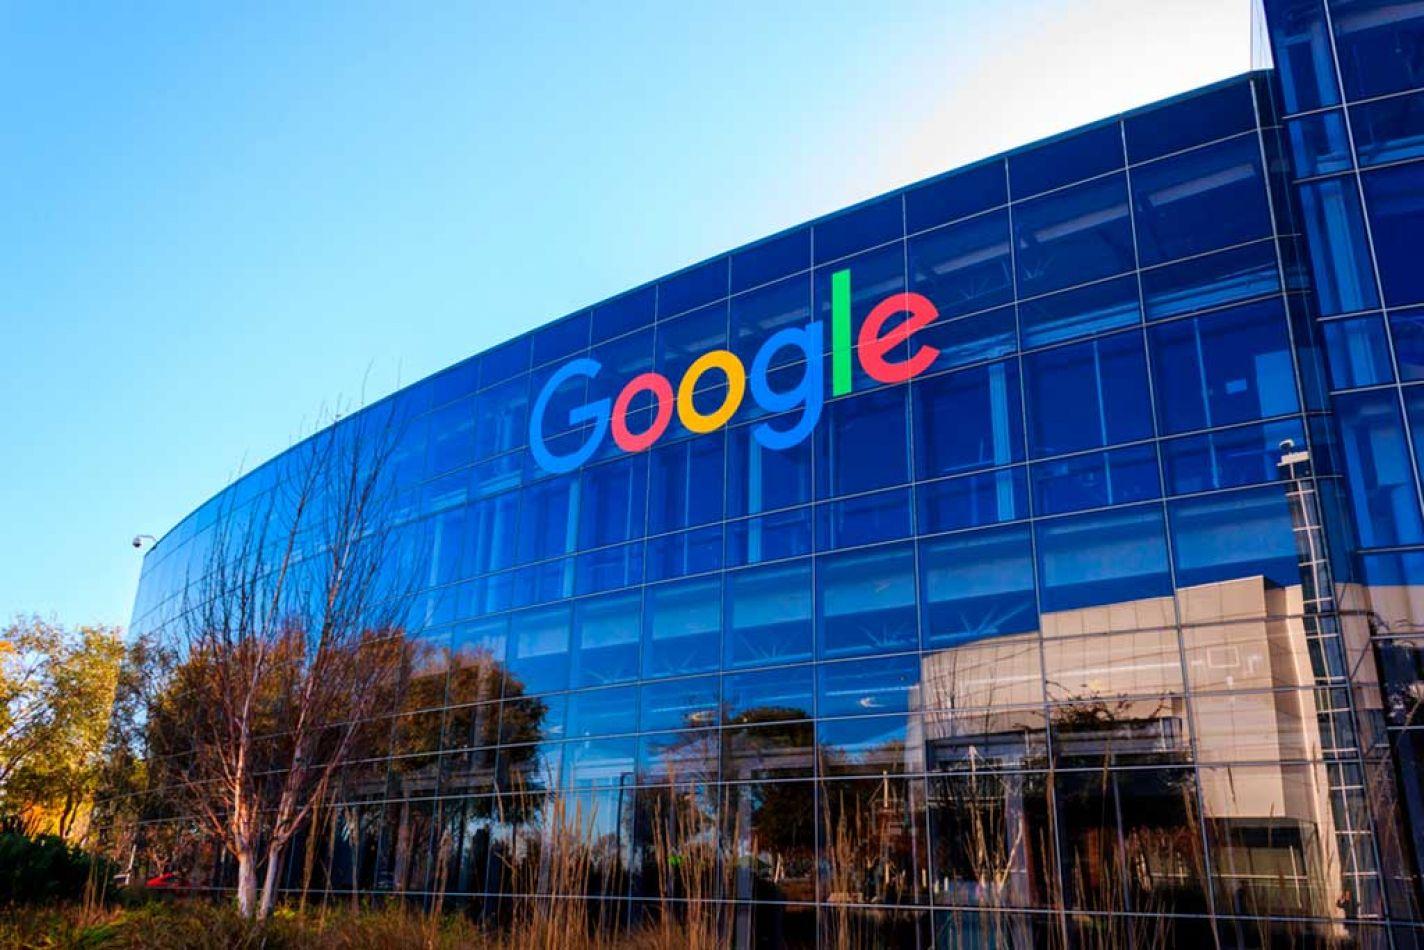 Google extiende el teletrabajo hasta mitad de 2021 y Twitter lo aplicaría para siempre